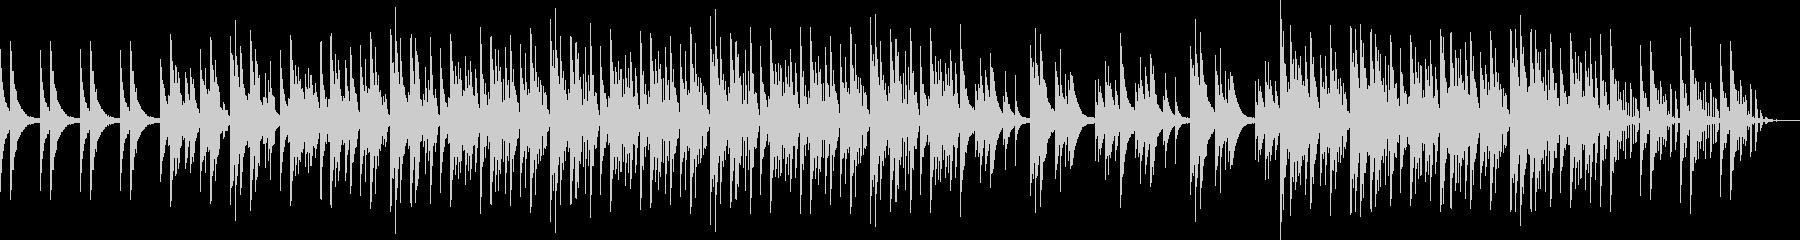 スローノービートロングバージョンの未再生の波形